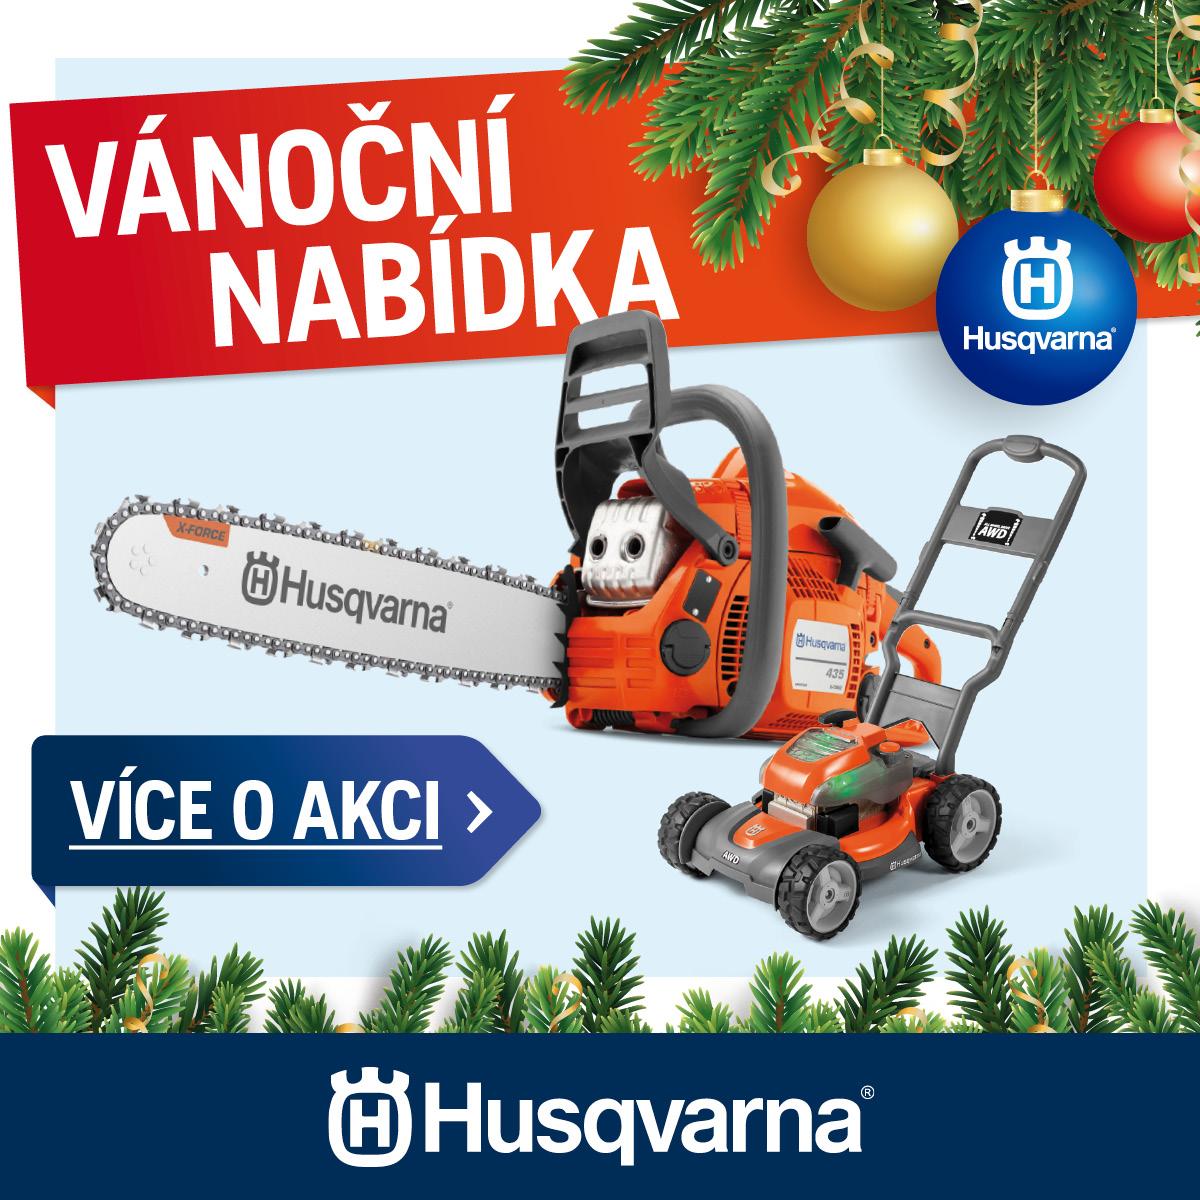 Vánoční nabídka Husqvarna 2019